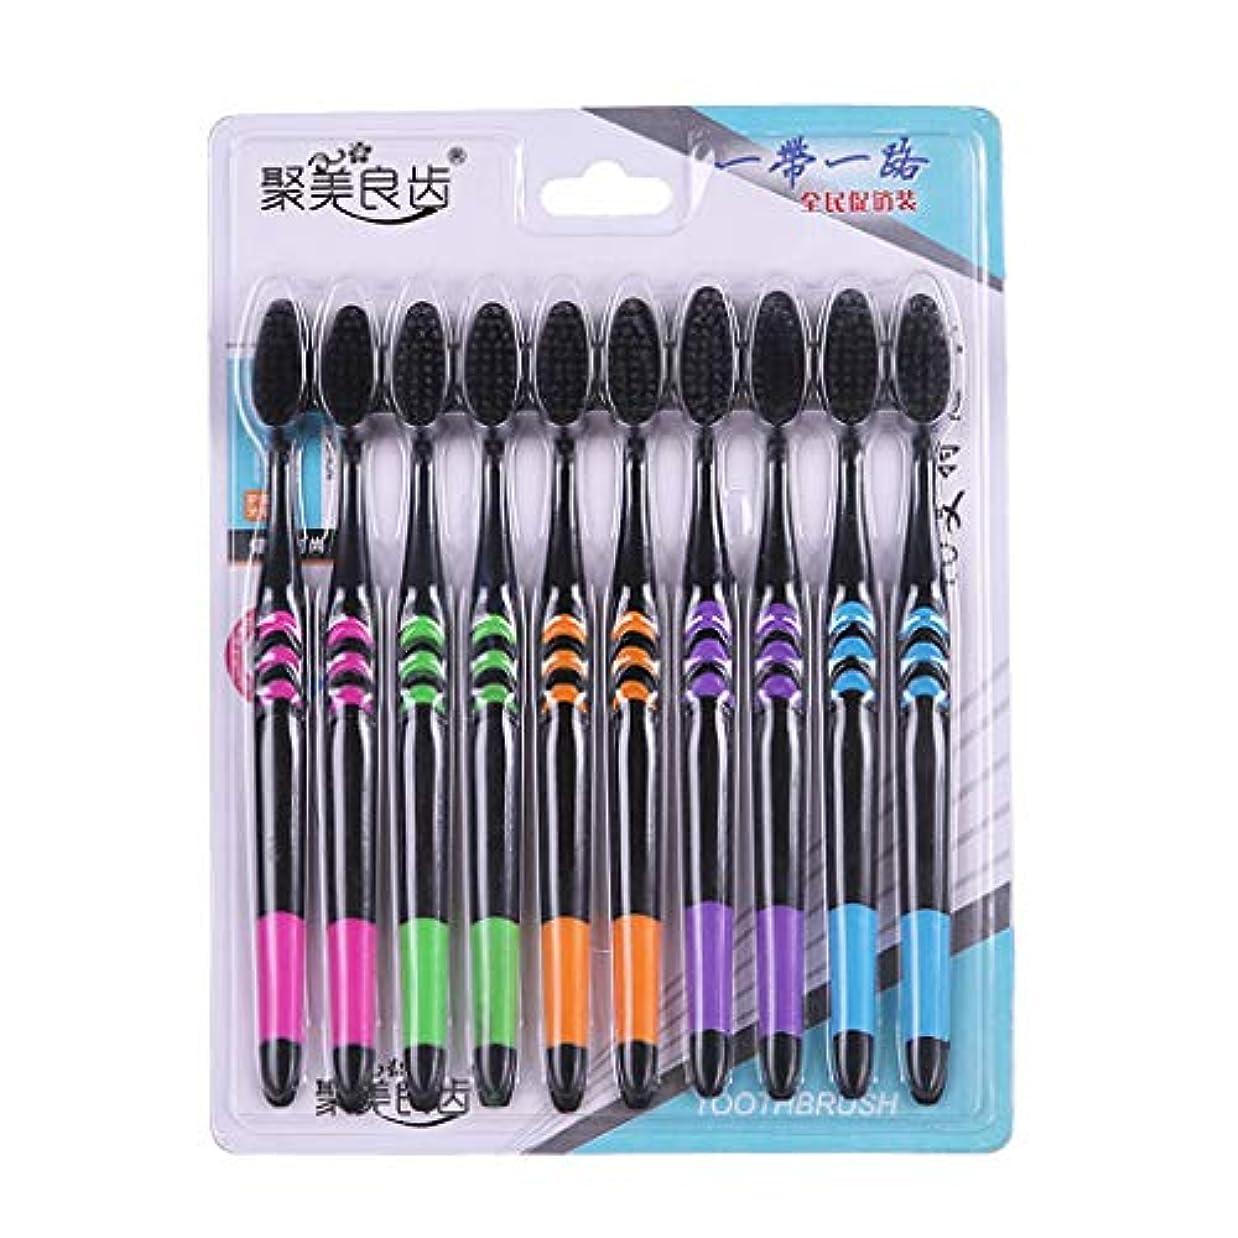 学校雄弁家欲しいですLazayyii 10本の歯ブラシの柔らかい竹炭の歯ブラシ (ブラック)